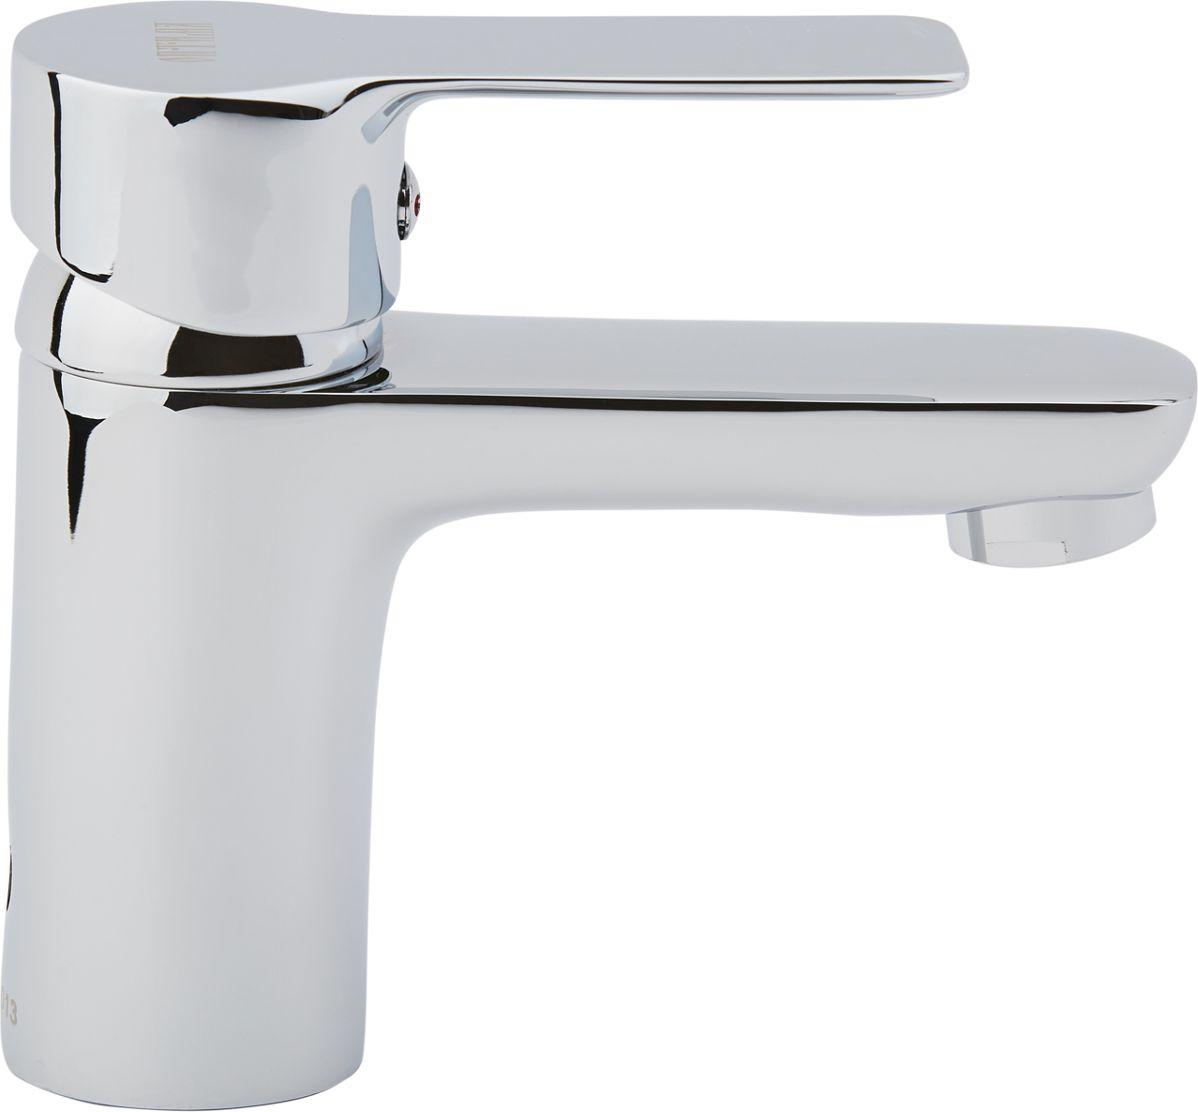 Смеситель для умывальника ОПТИМА О10 (1) 60, одноручковый, с коротким изливомИС.240812Одноручковый смеситель для кухни ОПТИМА предназначен для подачи и смешения холодной и горячей воды. Выполнен из латуни с хромированным покрытием. Снабжен коротким изливом и встроенным аэратором, который разбавляет поток воды воздухом и делает струю мягче. Смеситель легко монтируется на мойку, быстро подключается к водопроводным сетям благодаря подводке, входящей в комплект. Регулировка температуры осуществляется поворотом рукоятки влево-вправо. Картридж: 35 мм. Длина подводки: 40 см. Рабочее давление: до 6 Bar.Максимальное кратковременное давление: до 9 Bar.Рабочая температура: до +90°С.Рабочая среда: вода.